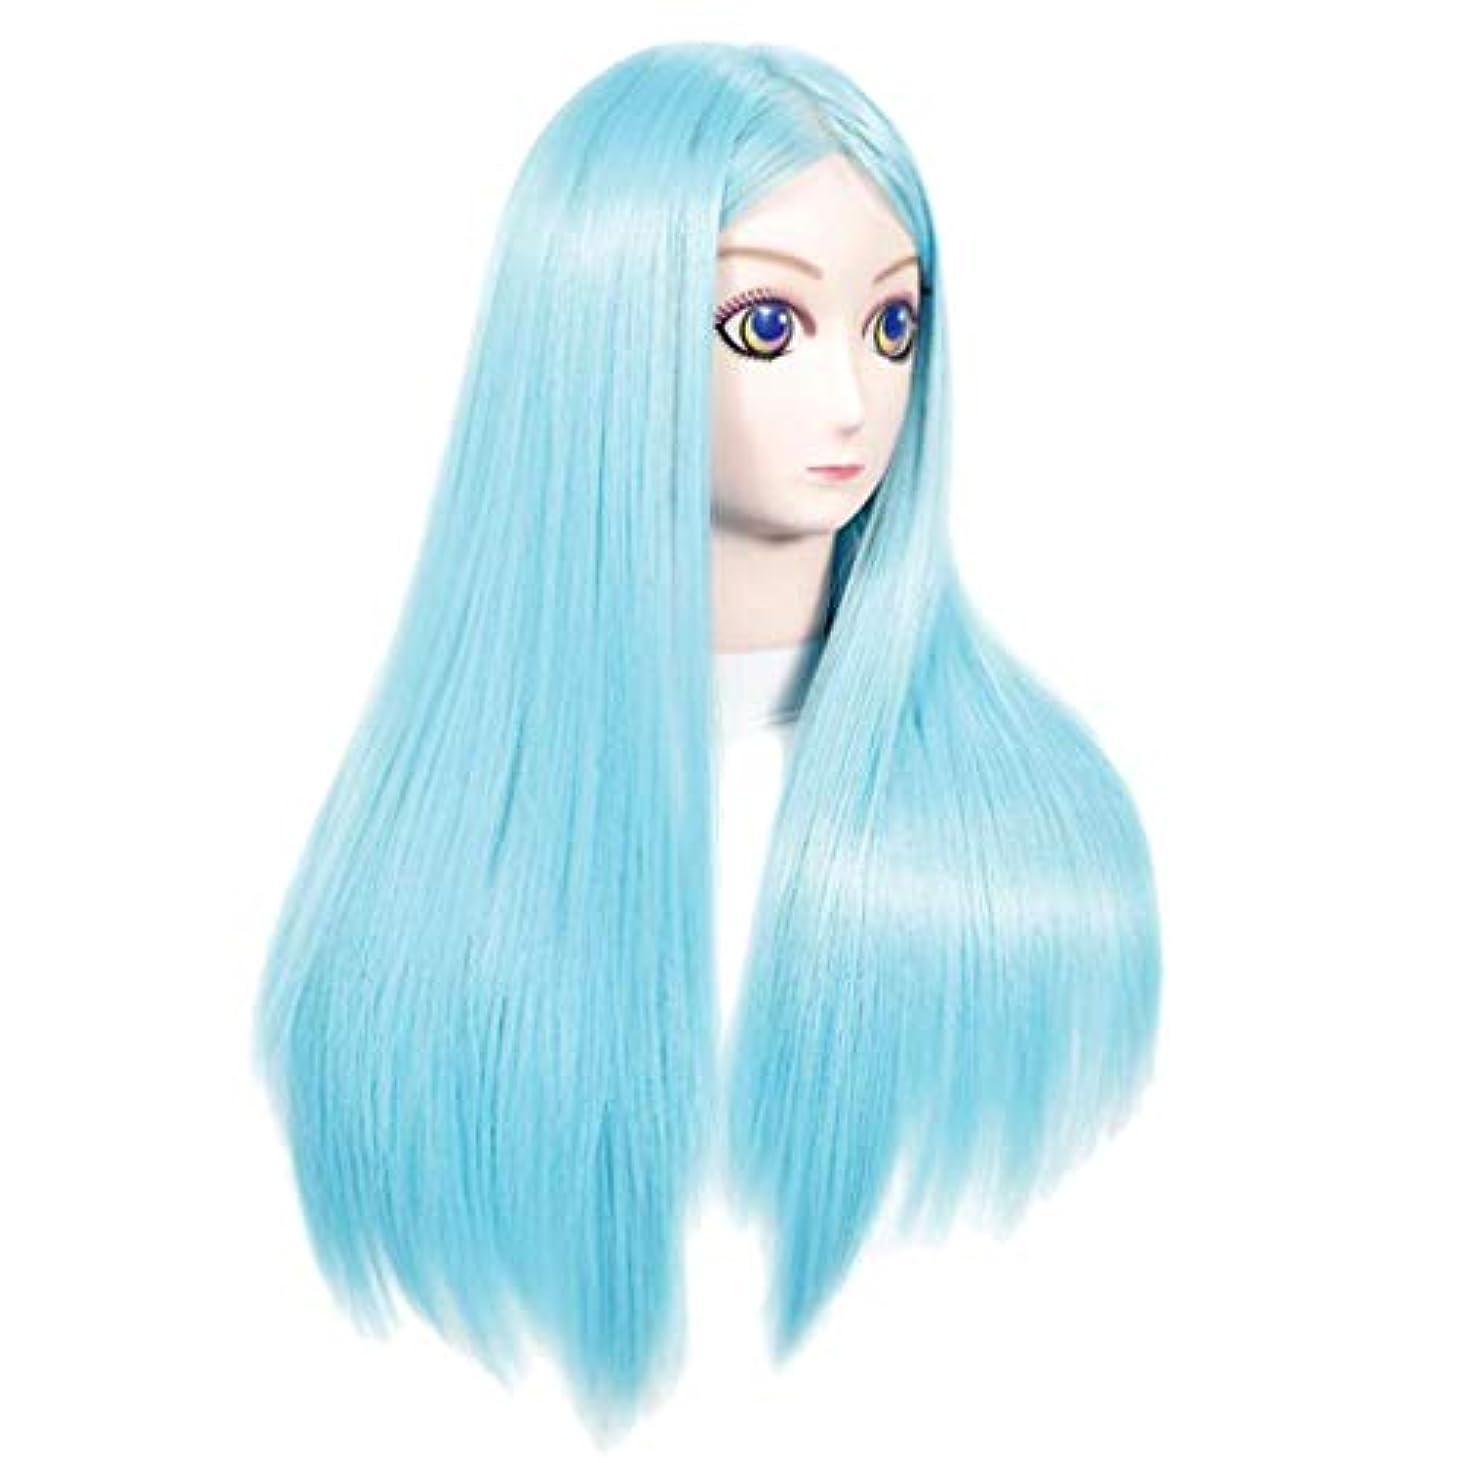 虹適格手荷物マネキンヘッド ウィッグ 合成かつら 理髪実践 トレーニング 練習スタンド 全2色 - ライトブルー